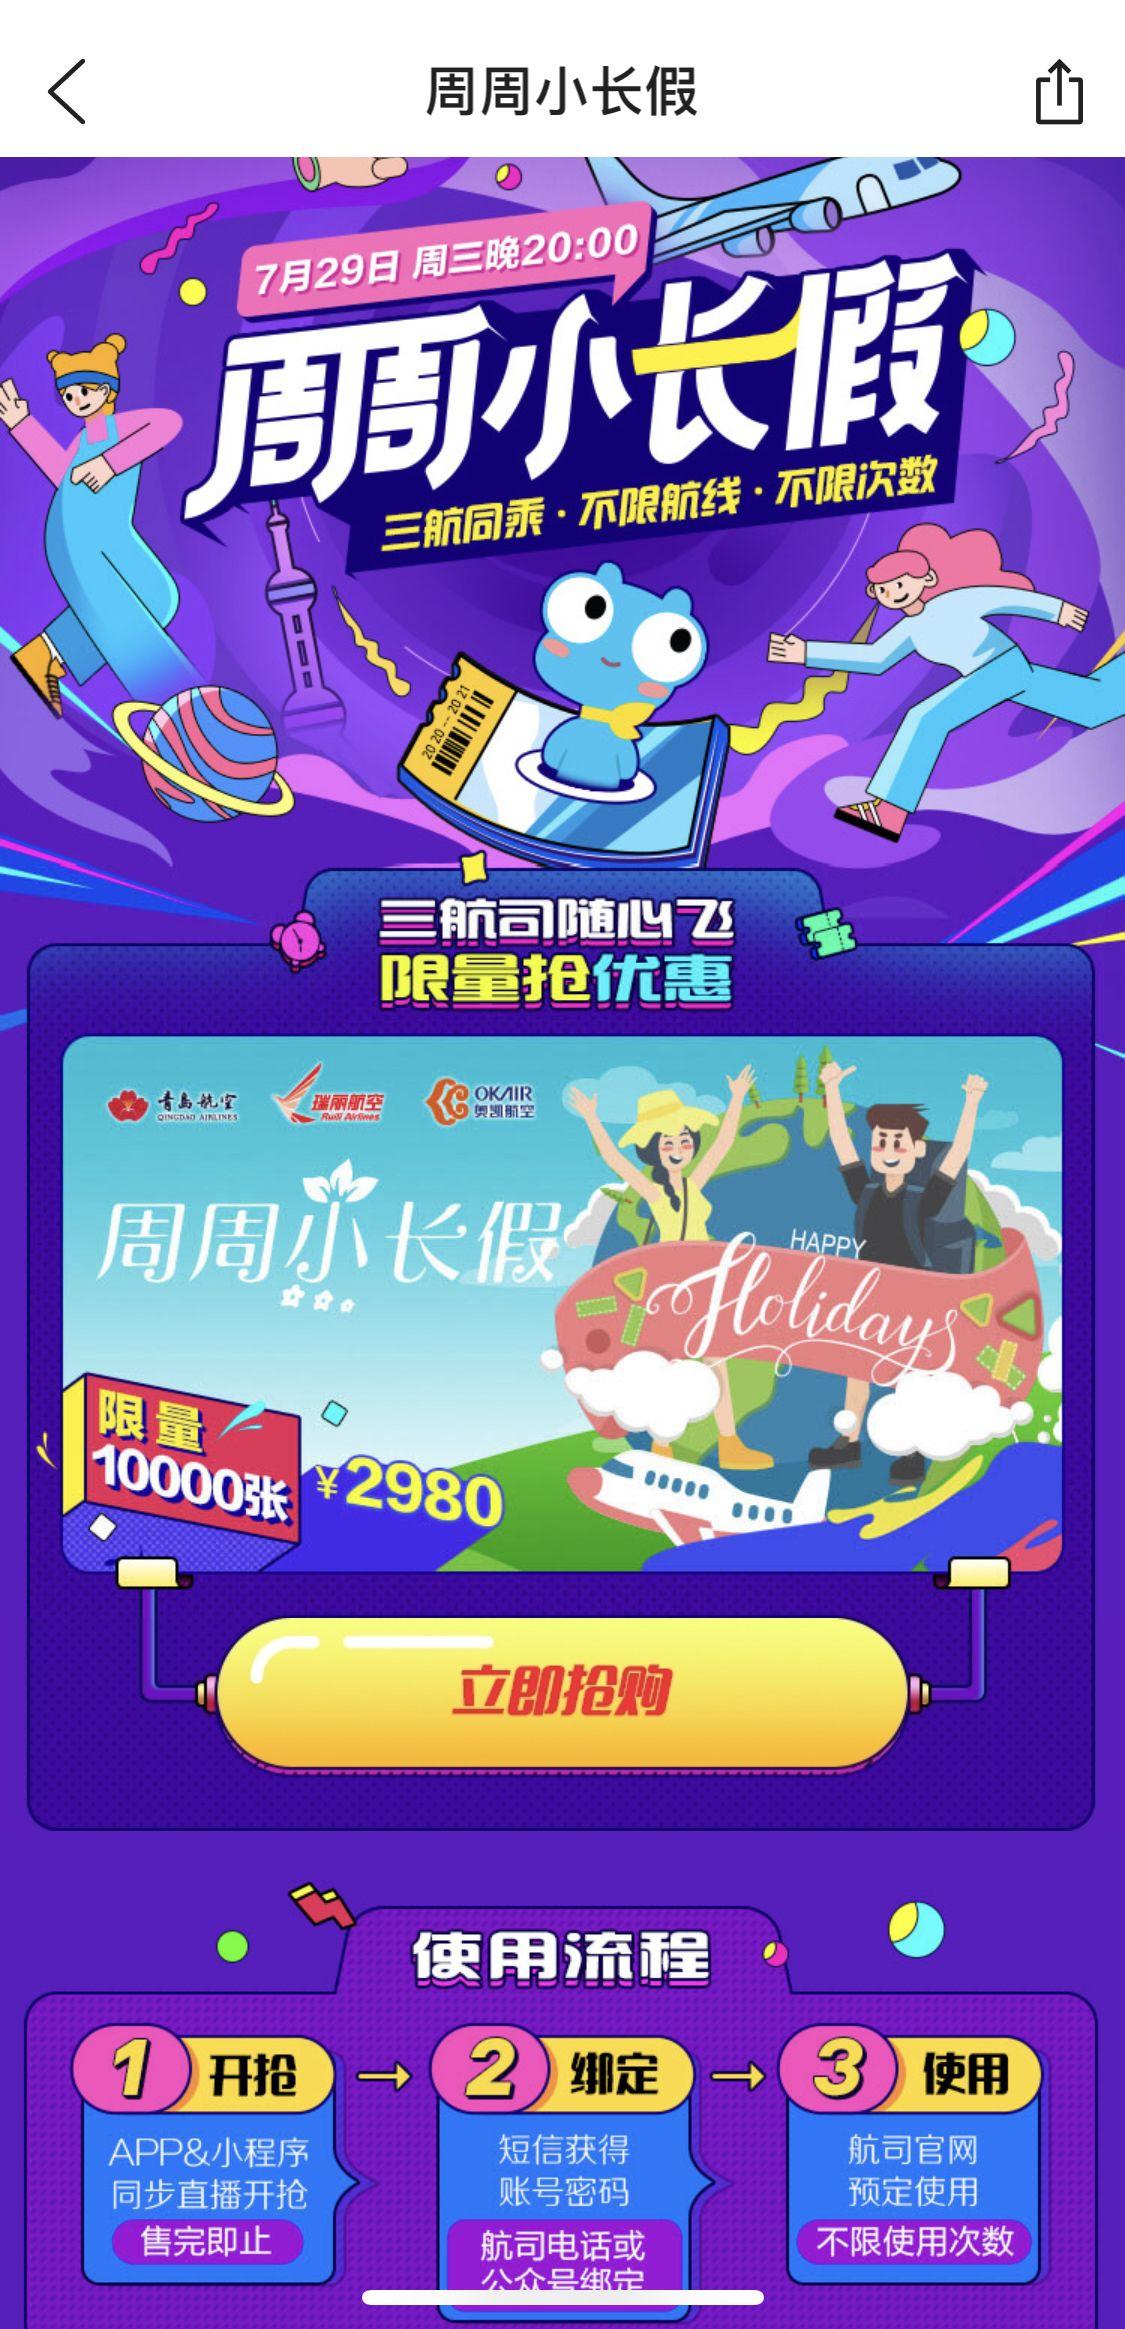 「赢咖3官网」品发售2980元赢咖3官网可图片